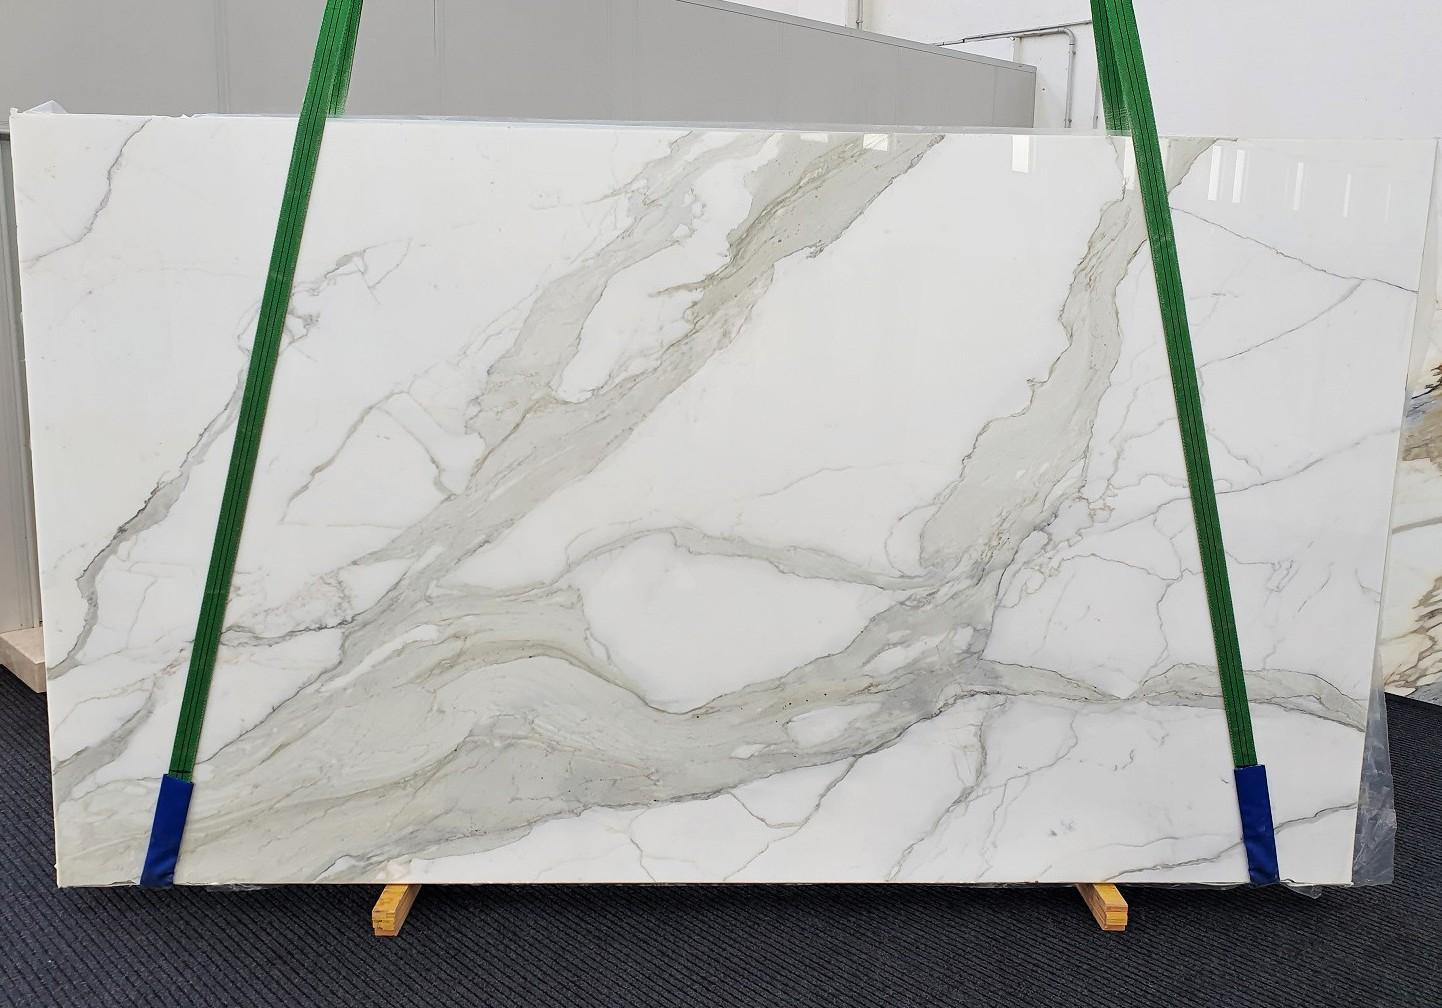 CALACATTA ORO EXTRA Fourniture Veneto (Italie) d' dalles brillantes en marbre naturel 1366 , Slab #09